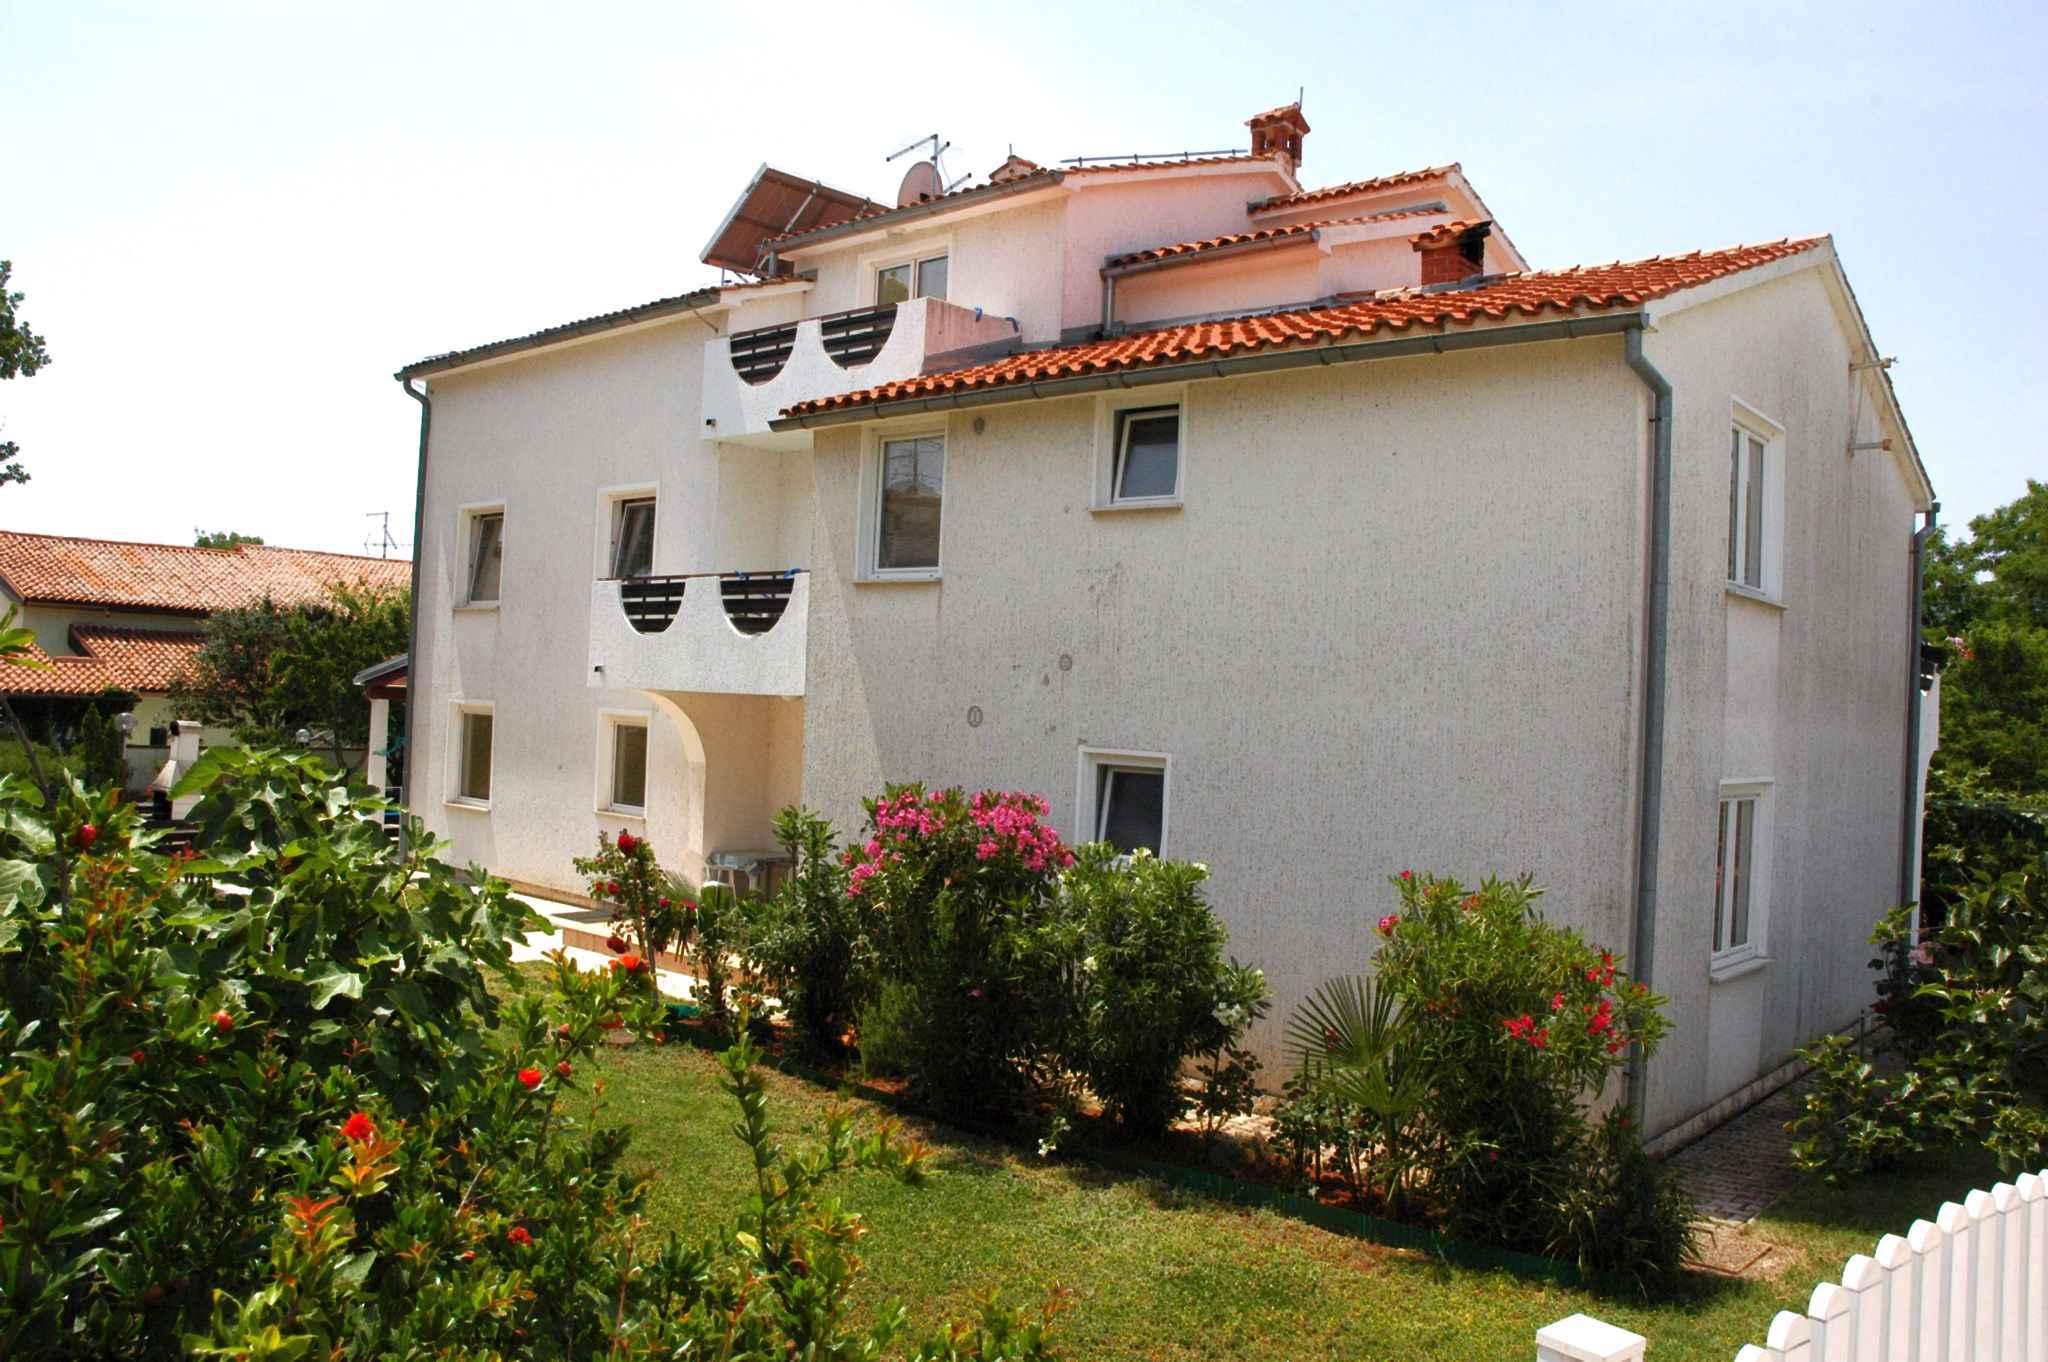 Ferienwohnung mit Pool (280350), Porec, , Istrien, Kroatien, Bild 7